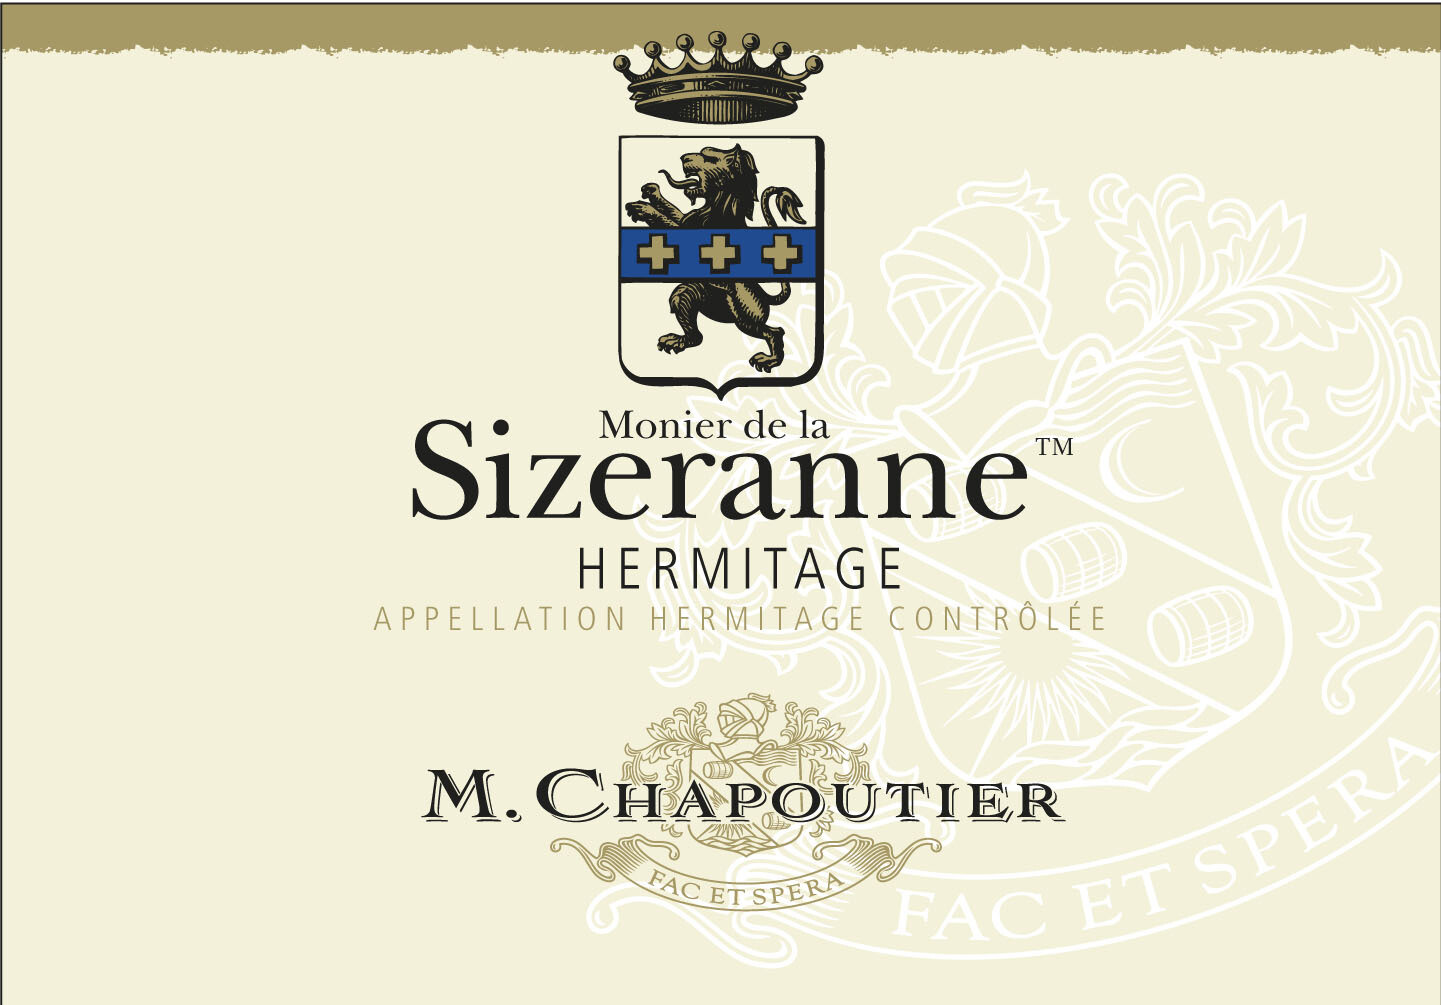 Chapoutier Hermitage Monier de la Sizeranne 1989